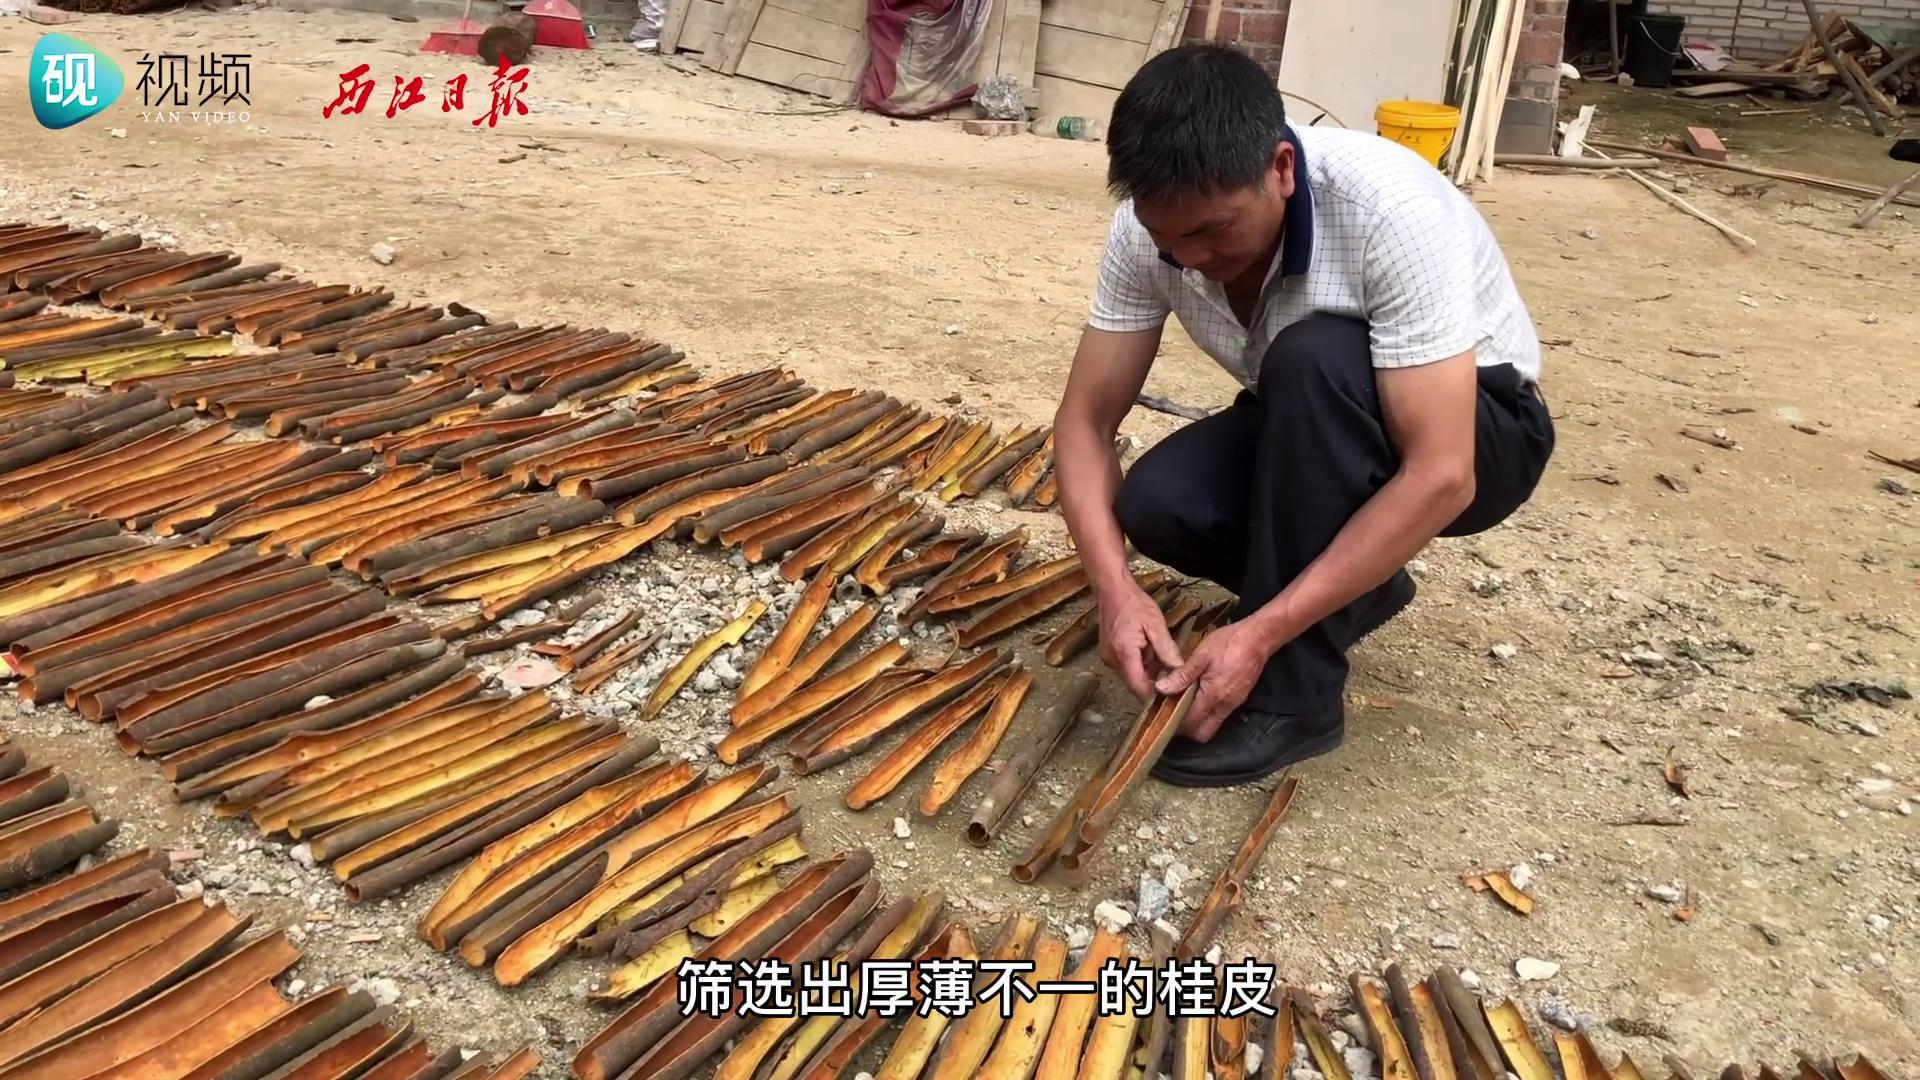 """高要区河台镇廊源村:肉桂树成""""摇钱树"""" 助力乡村产业振兴"""